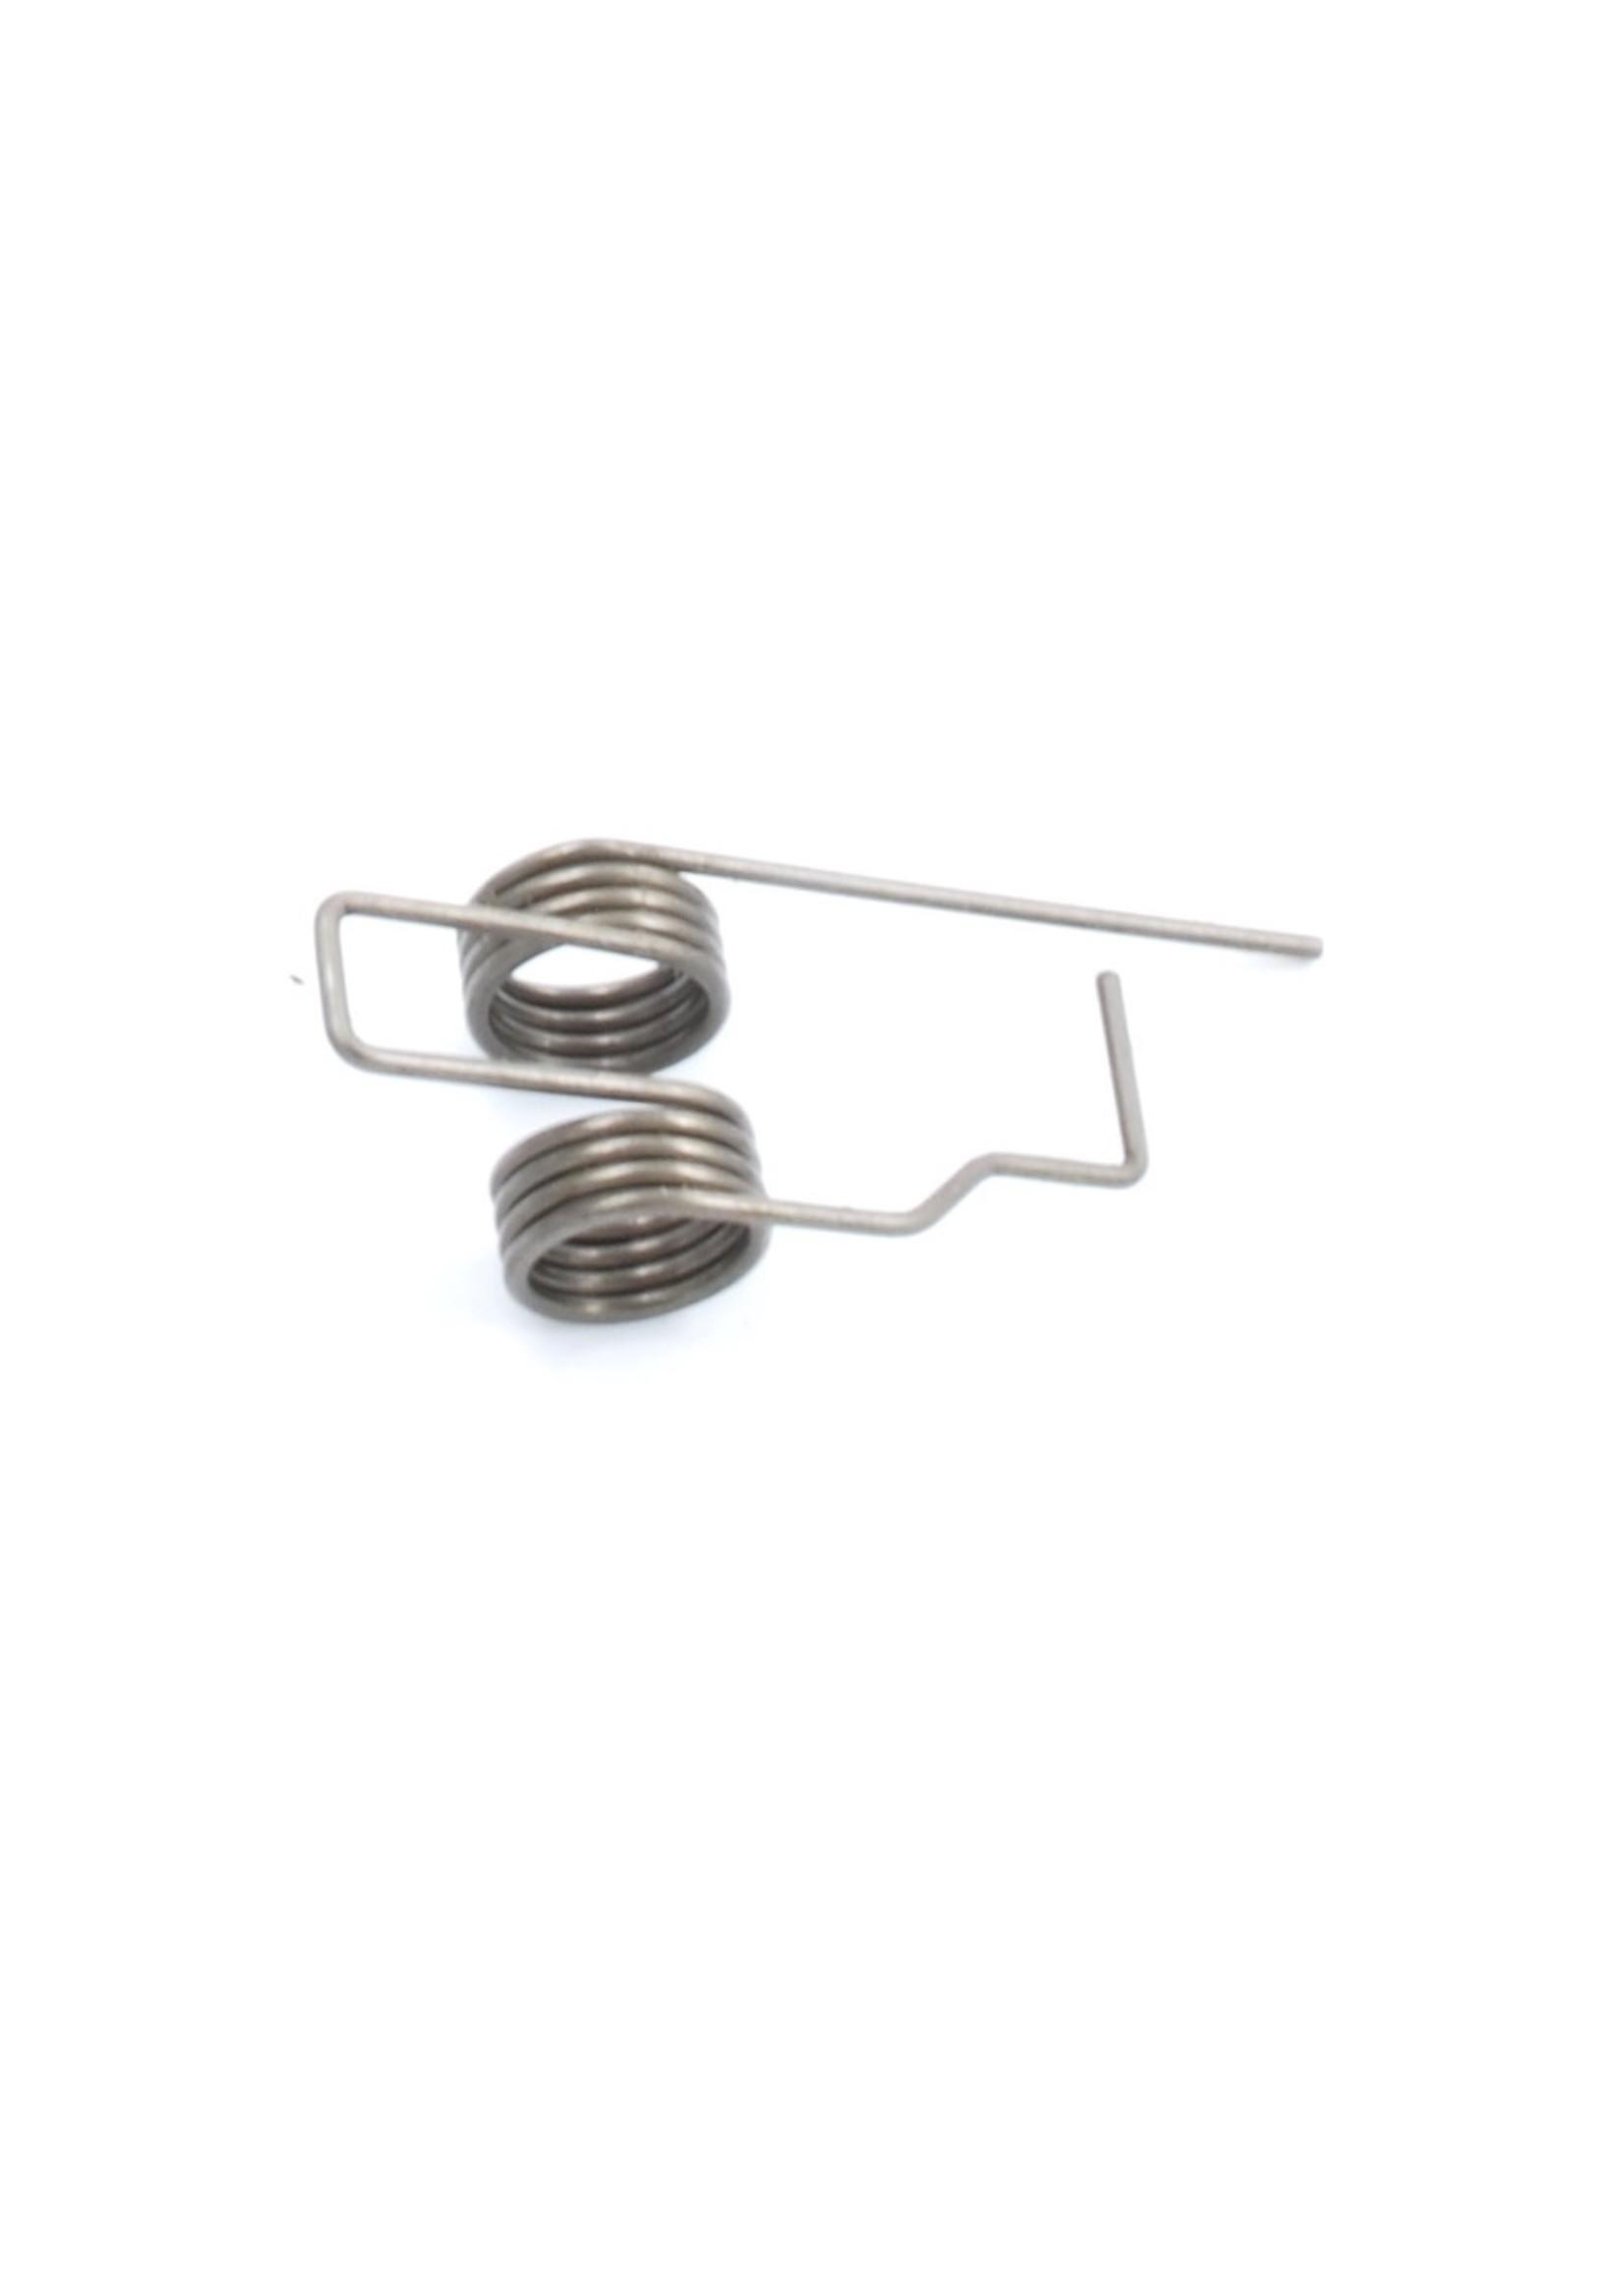 G43 Sear spring